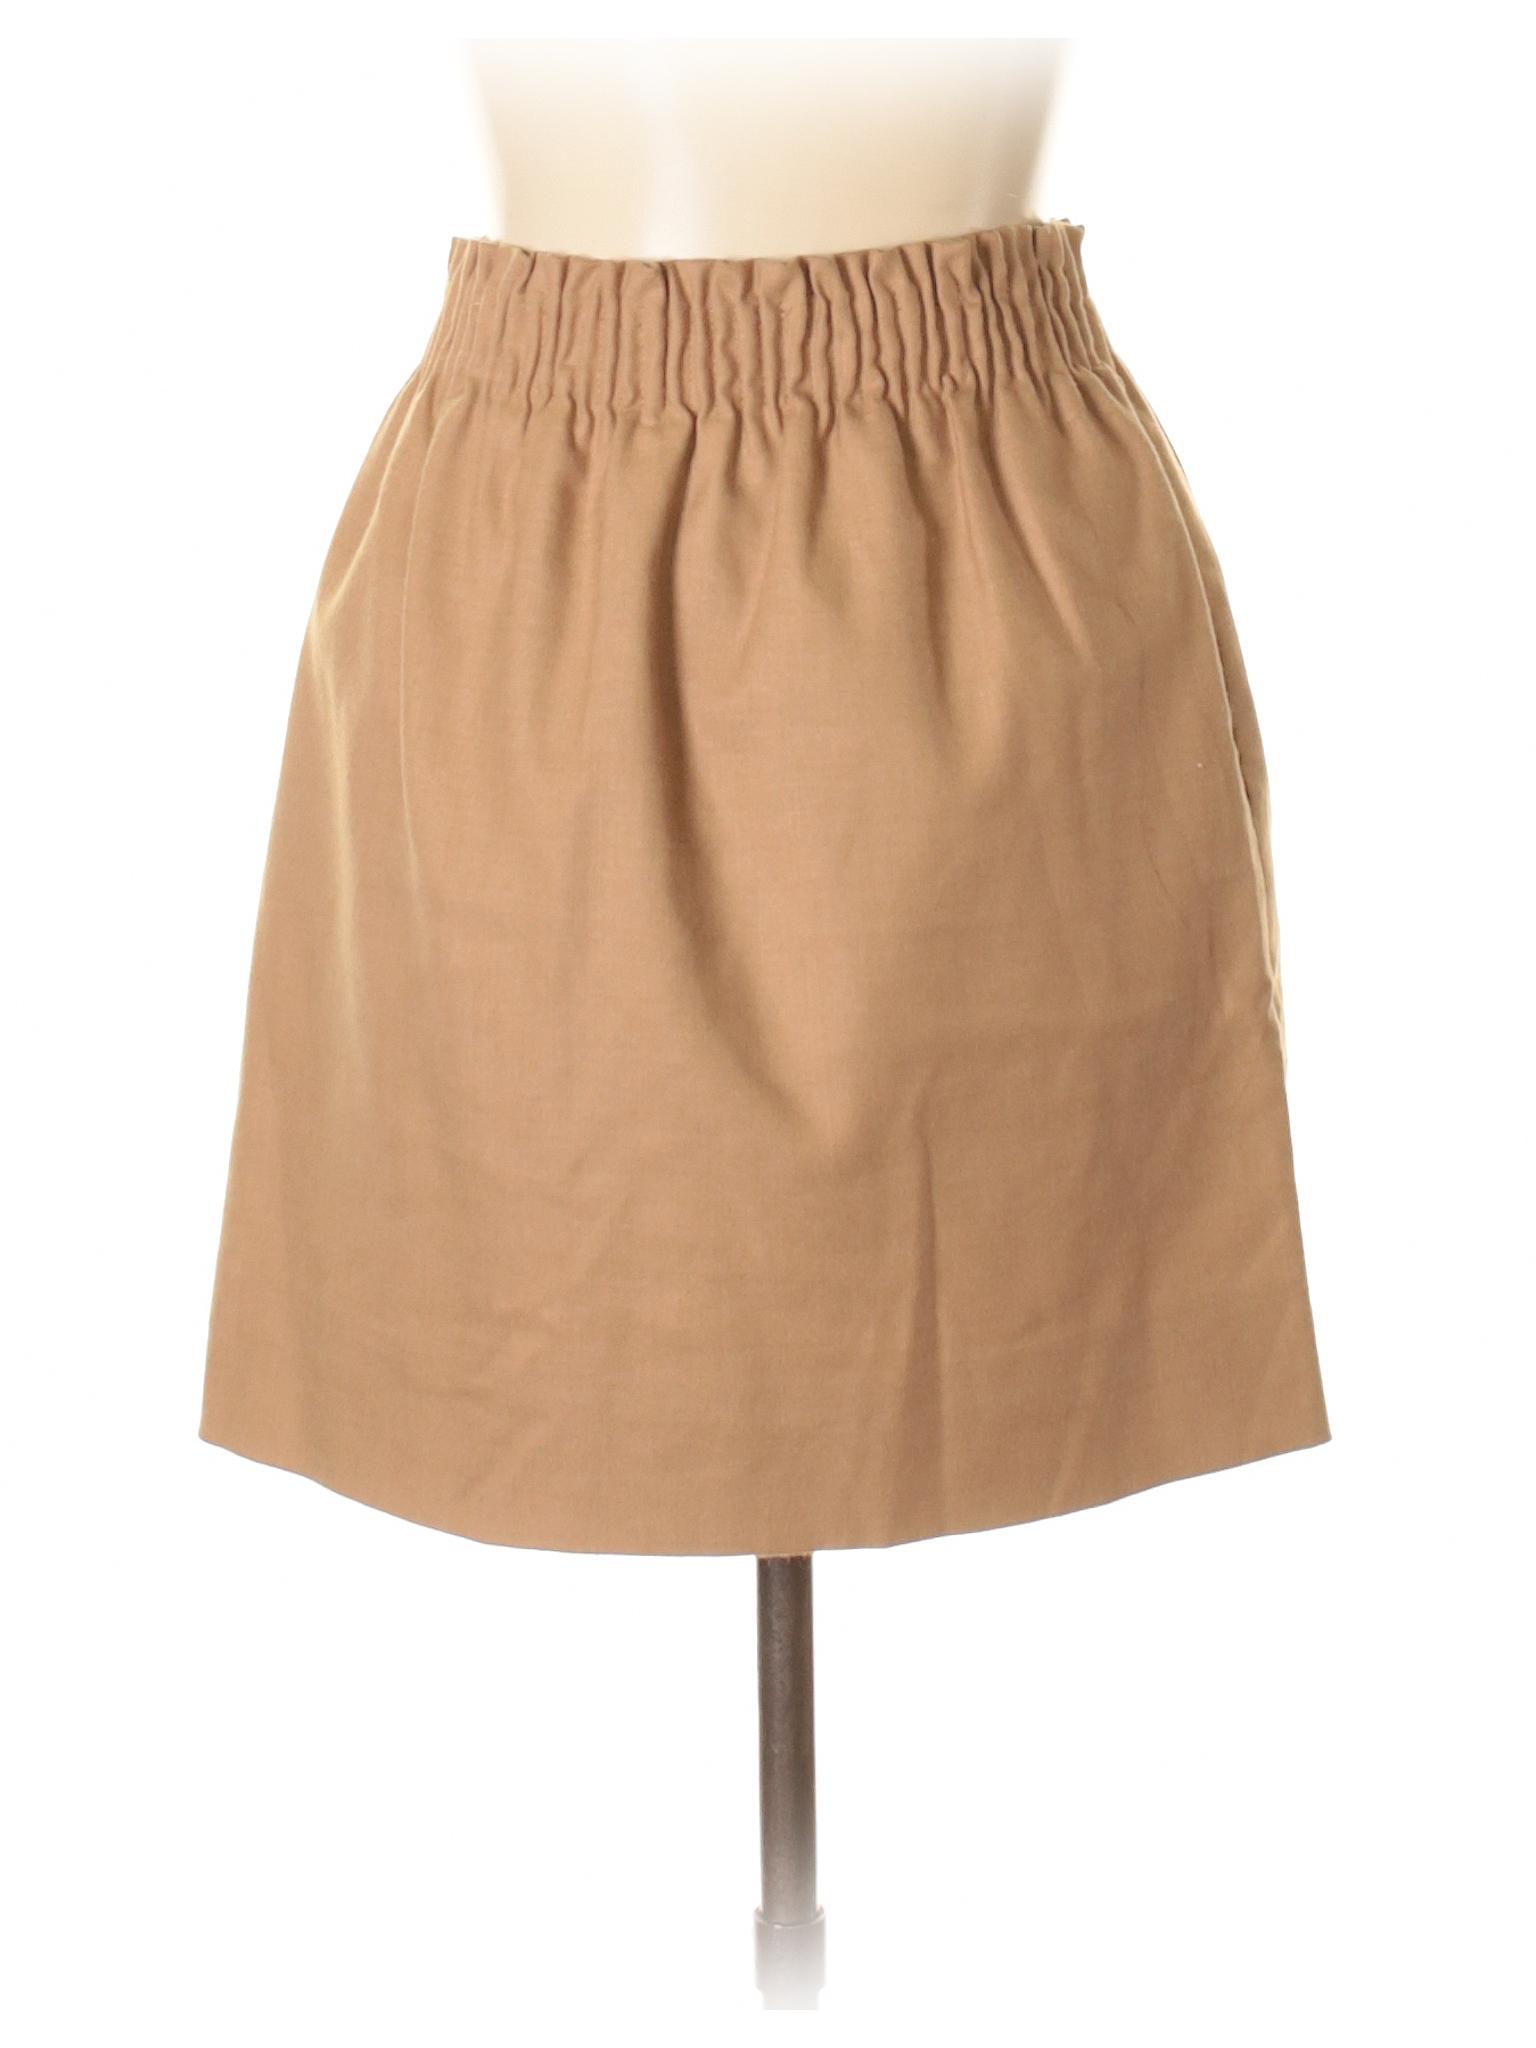 Boutique Skirt Casual Boutique Casual H1qfnPZa